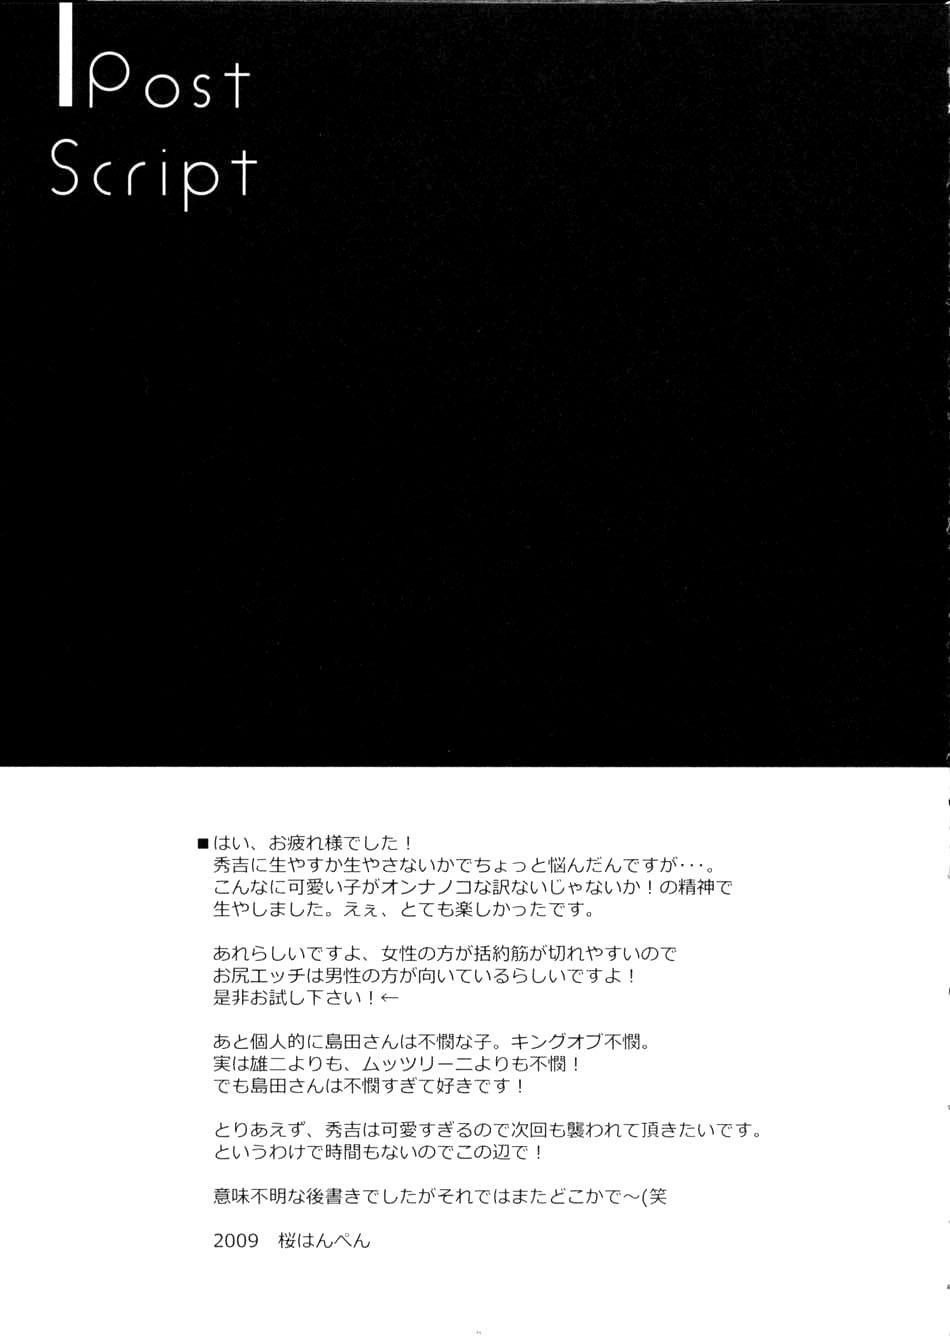 Baka to Josou to Shoukanju 23